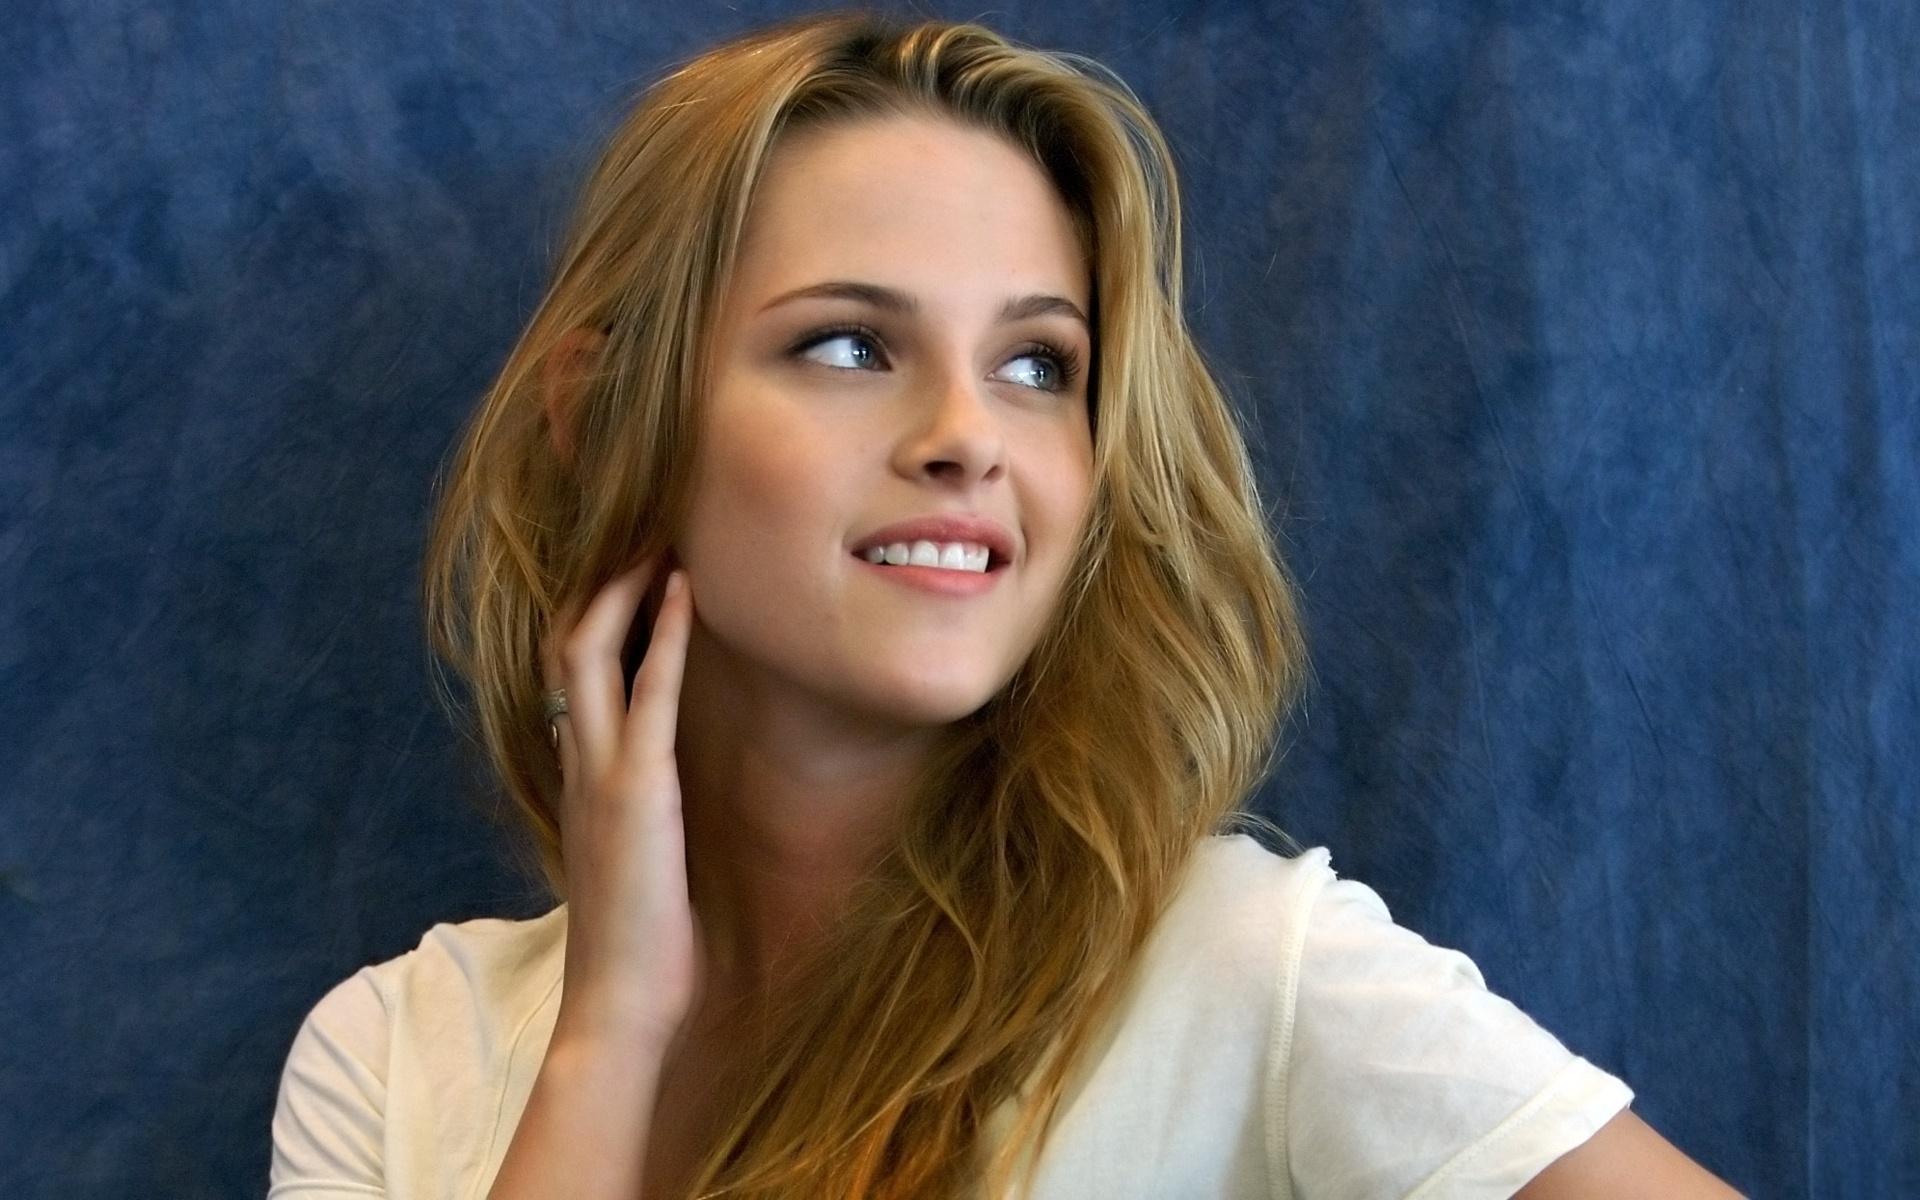 Kristen Stewart: Smile, Блондинки, Акторки, Жінки, Гарні, Pretty, Дівчата, Kristen Stewart